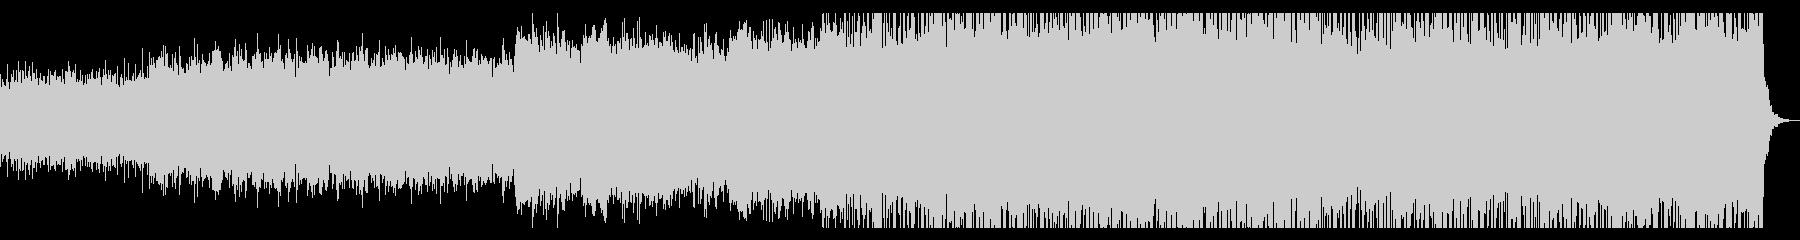 アメリカンなポップロックの未再生の波形